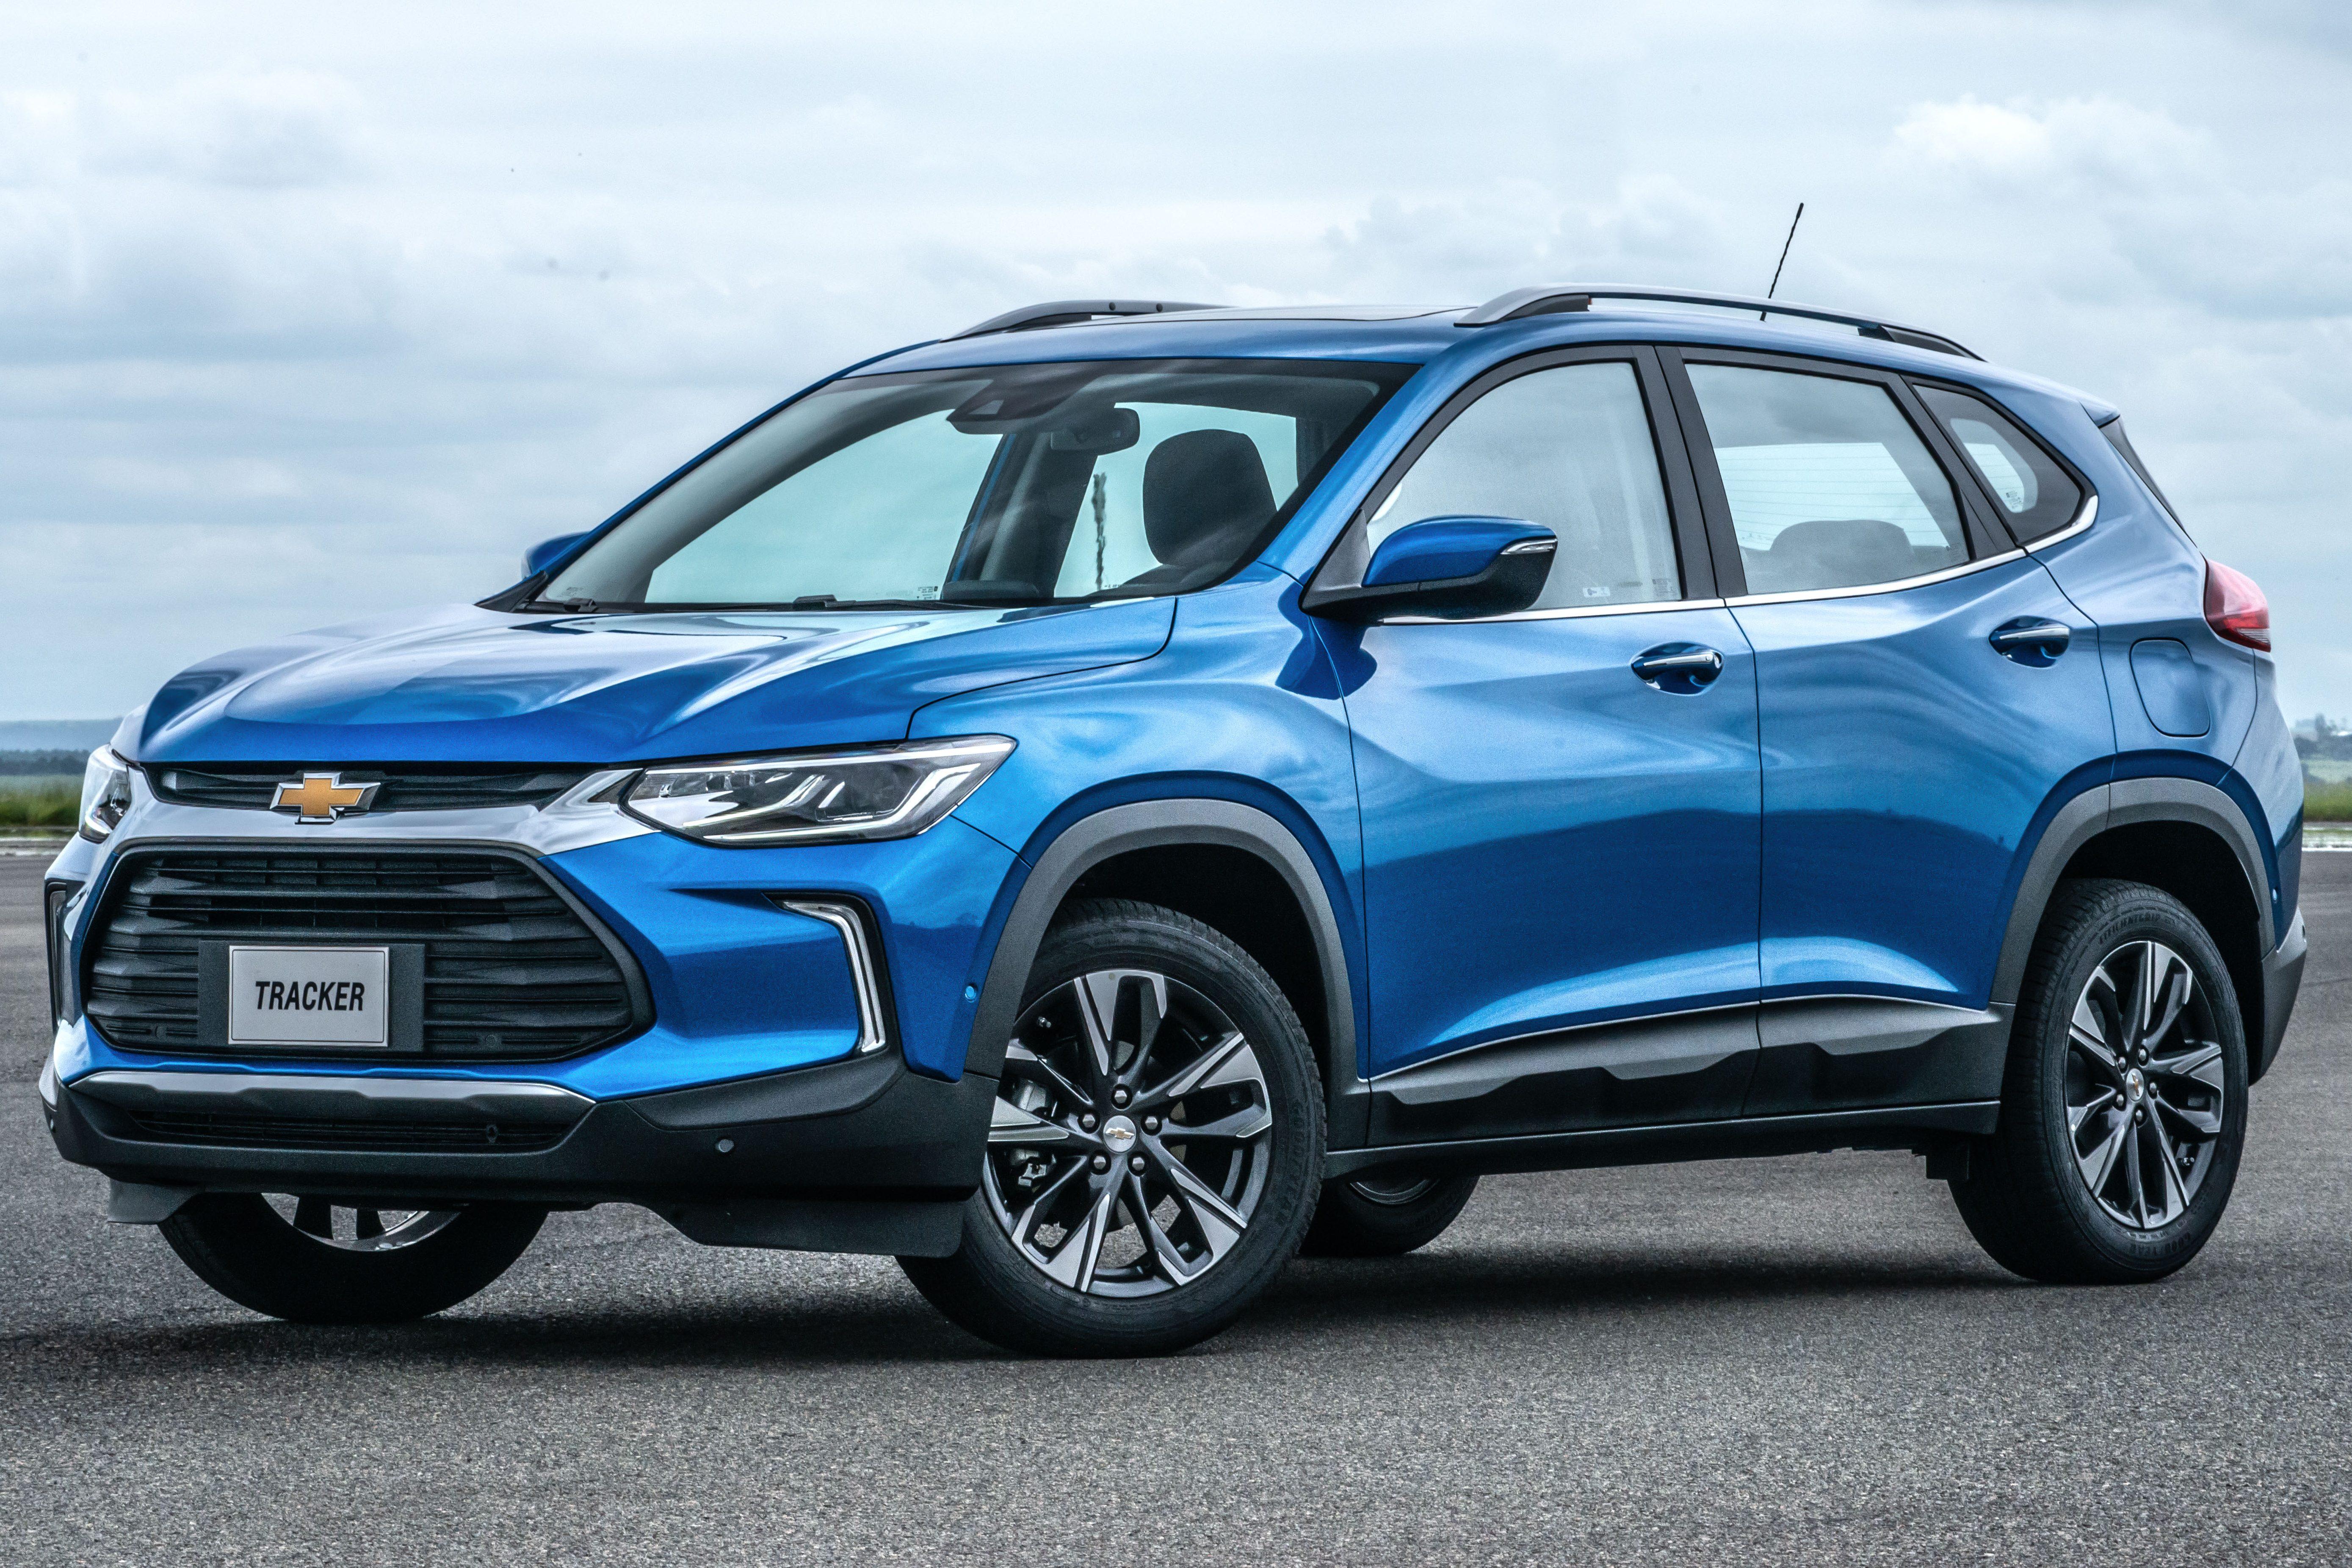 Novo Suv Lider Chevrolet Tracker Teve Estoque Esgotado Pela Alta Procura 5 Minutos